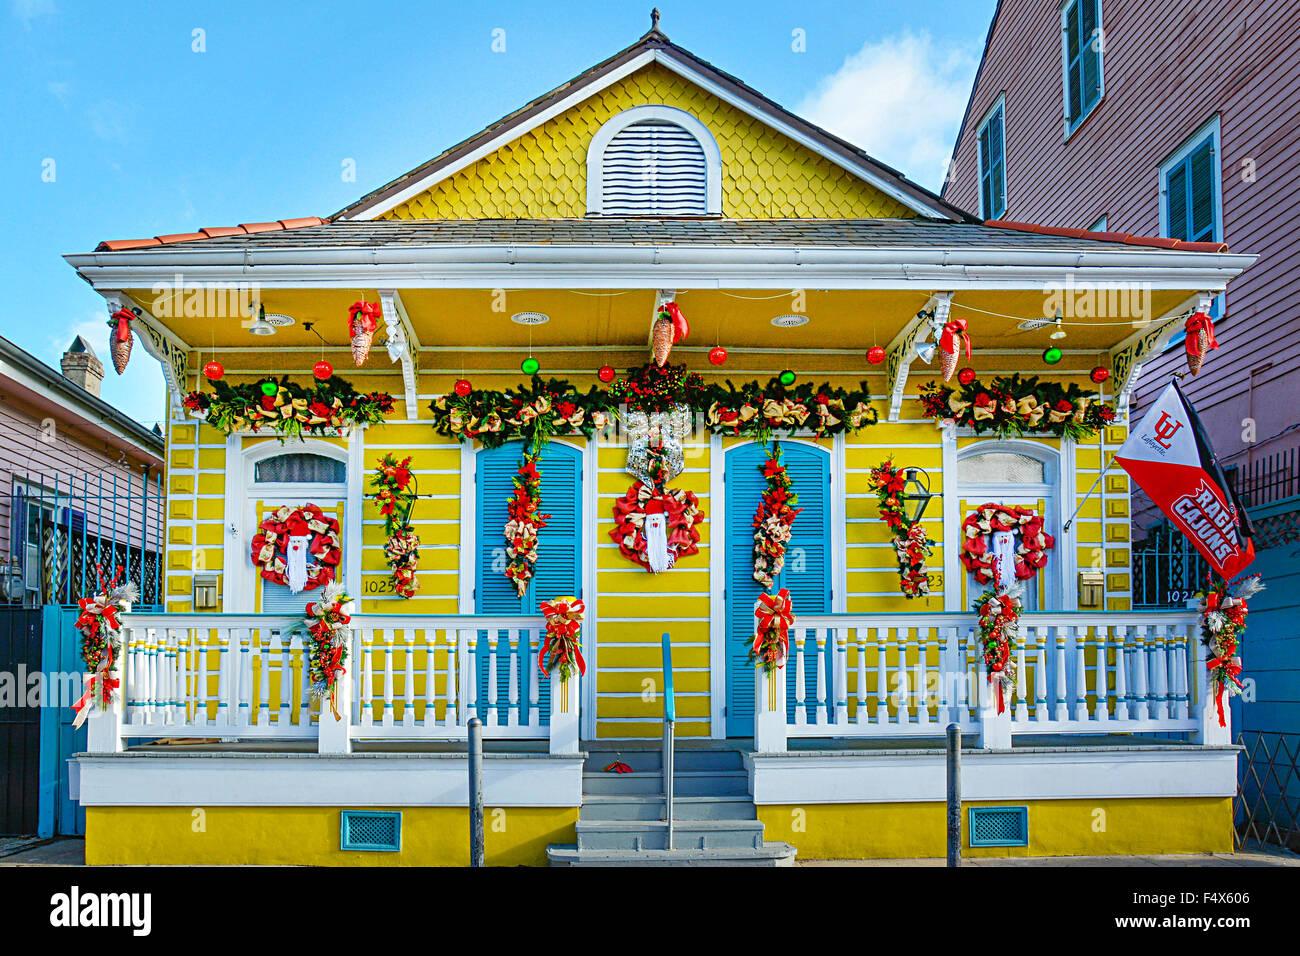 Un clásico y colorida decoración cottage criollo en Garland y guirnaldas para las vacaciones de Navidad Imagen De Stock